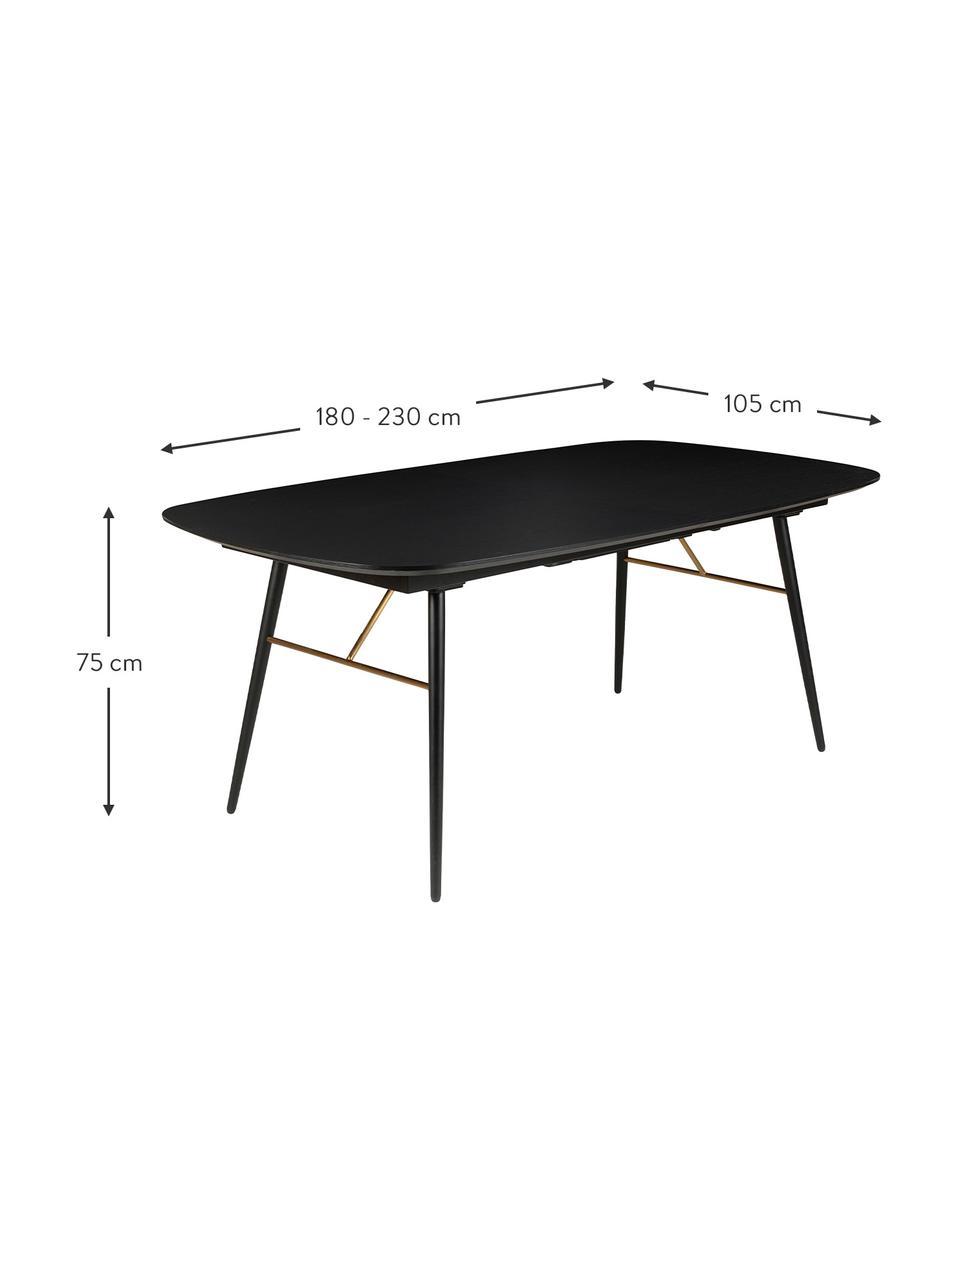 Ausziehbarer Esstisch Verona in Schwarz, Tischplatte: Mitteldichte Holzfaserpla, Schwarz, B 180 x T 105 cm